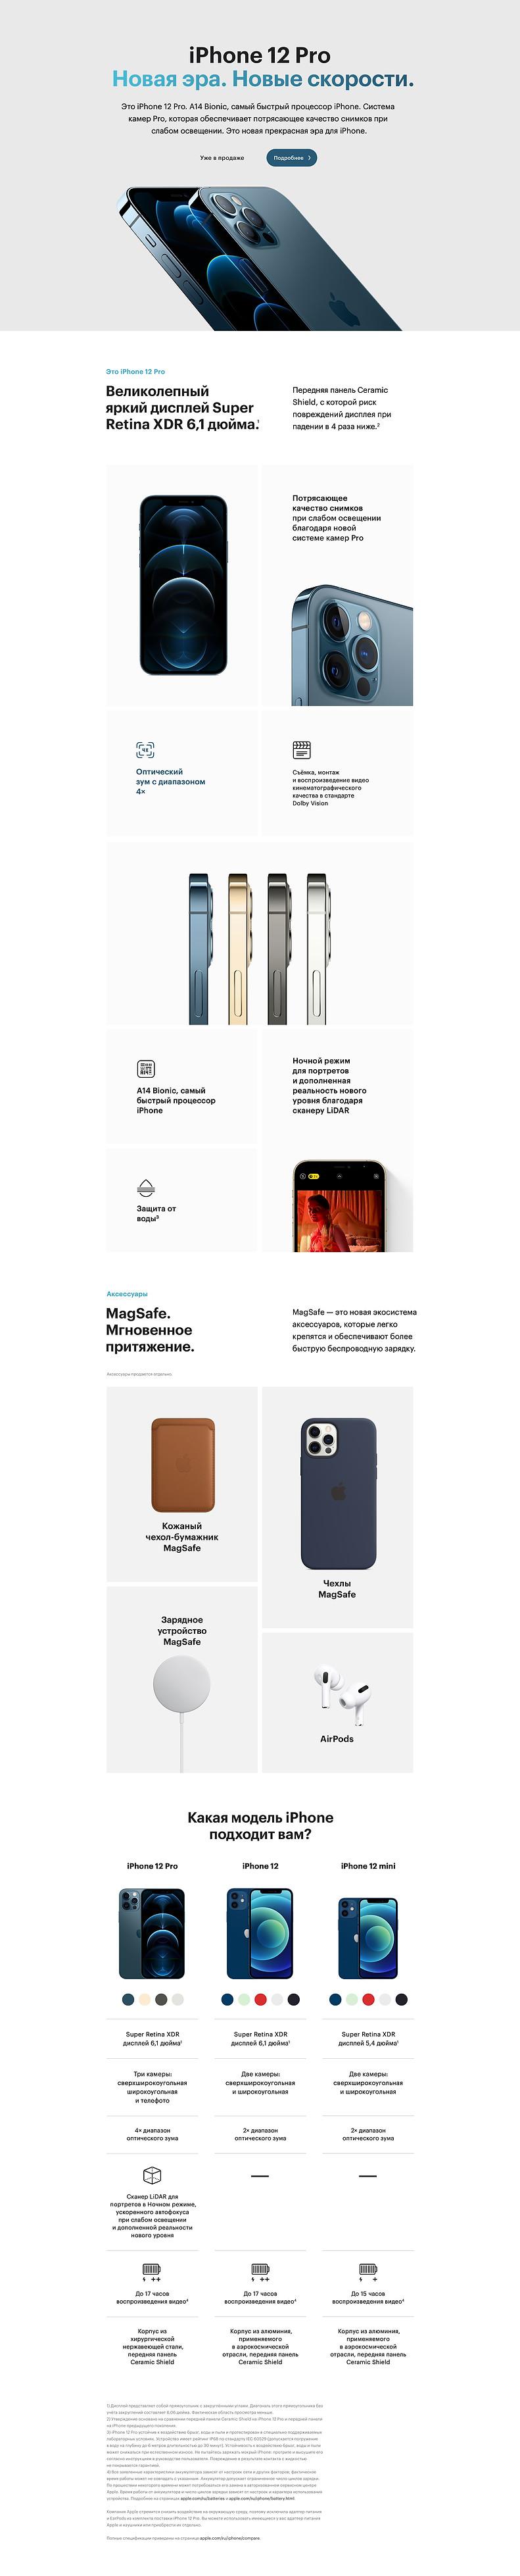 УЖЕ_iphone12pro_q121_landing_desktop_r10